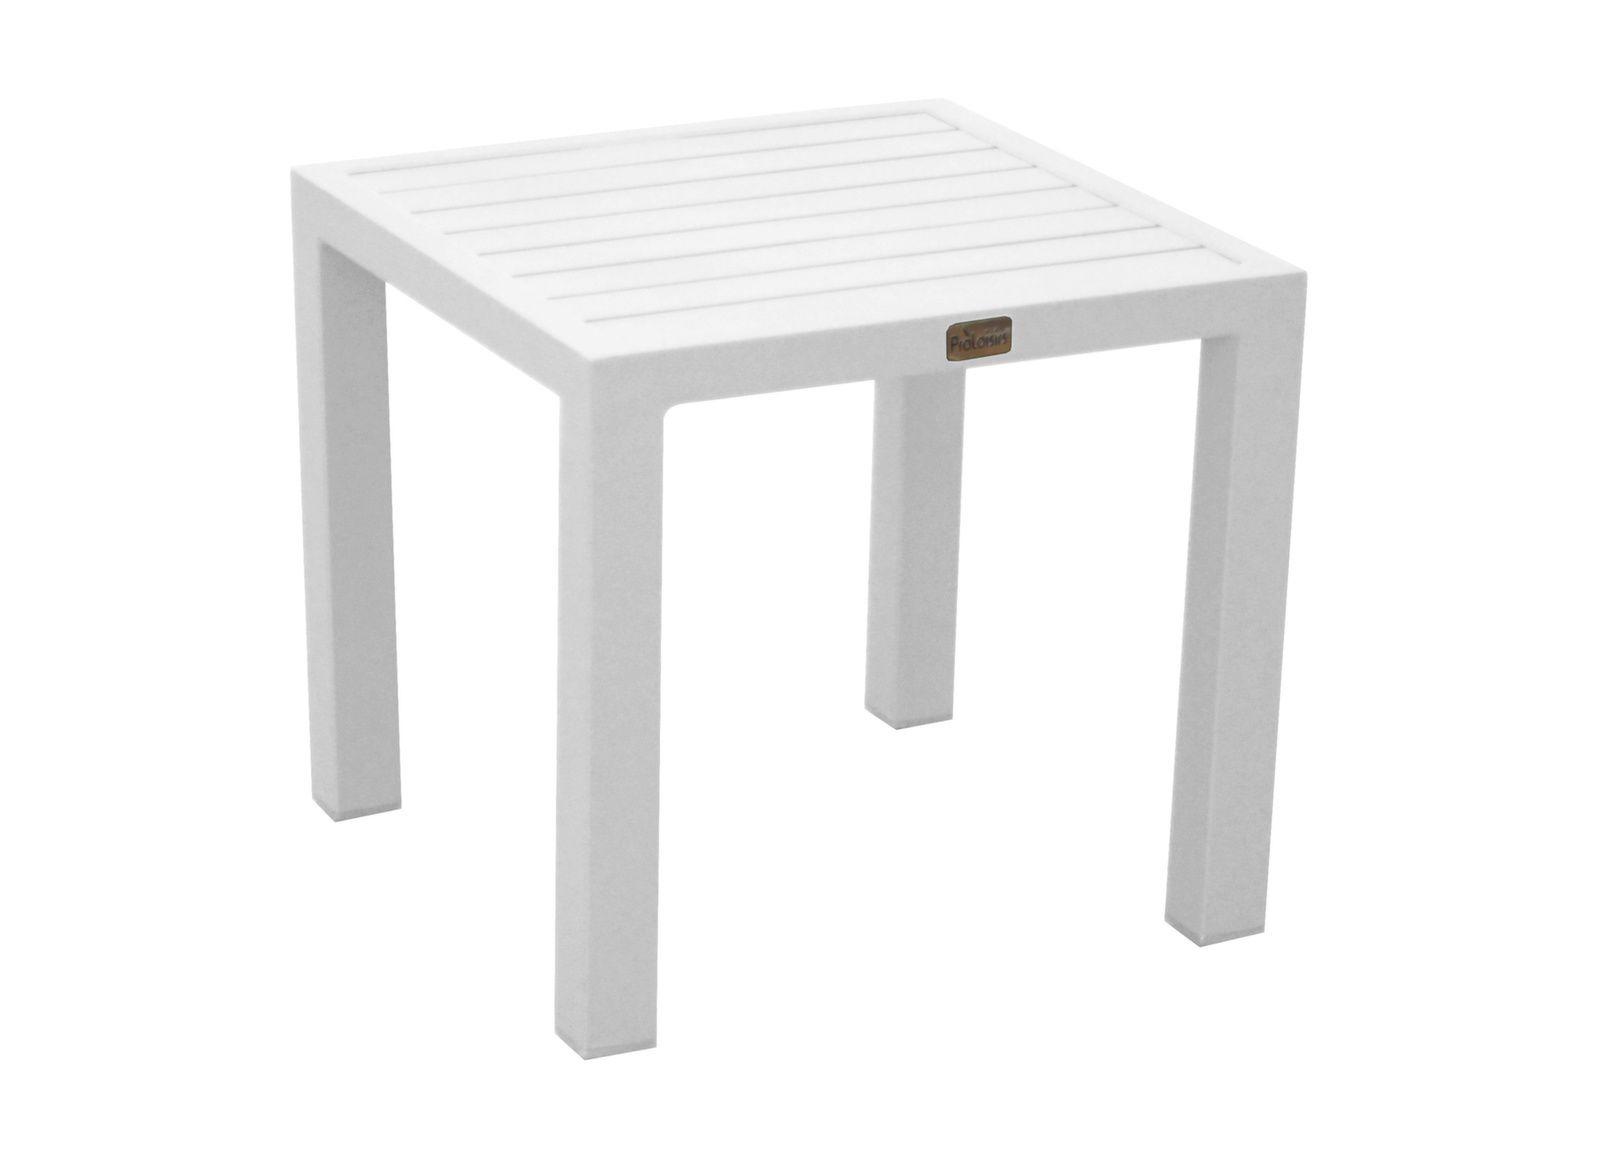 Table Basse Carrée Lou destiné Table Basse De Jardin En Plastique